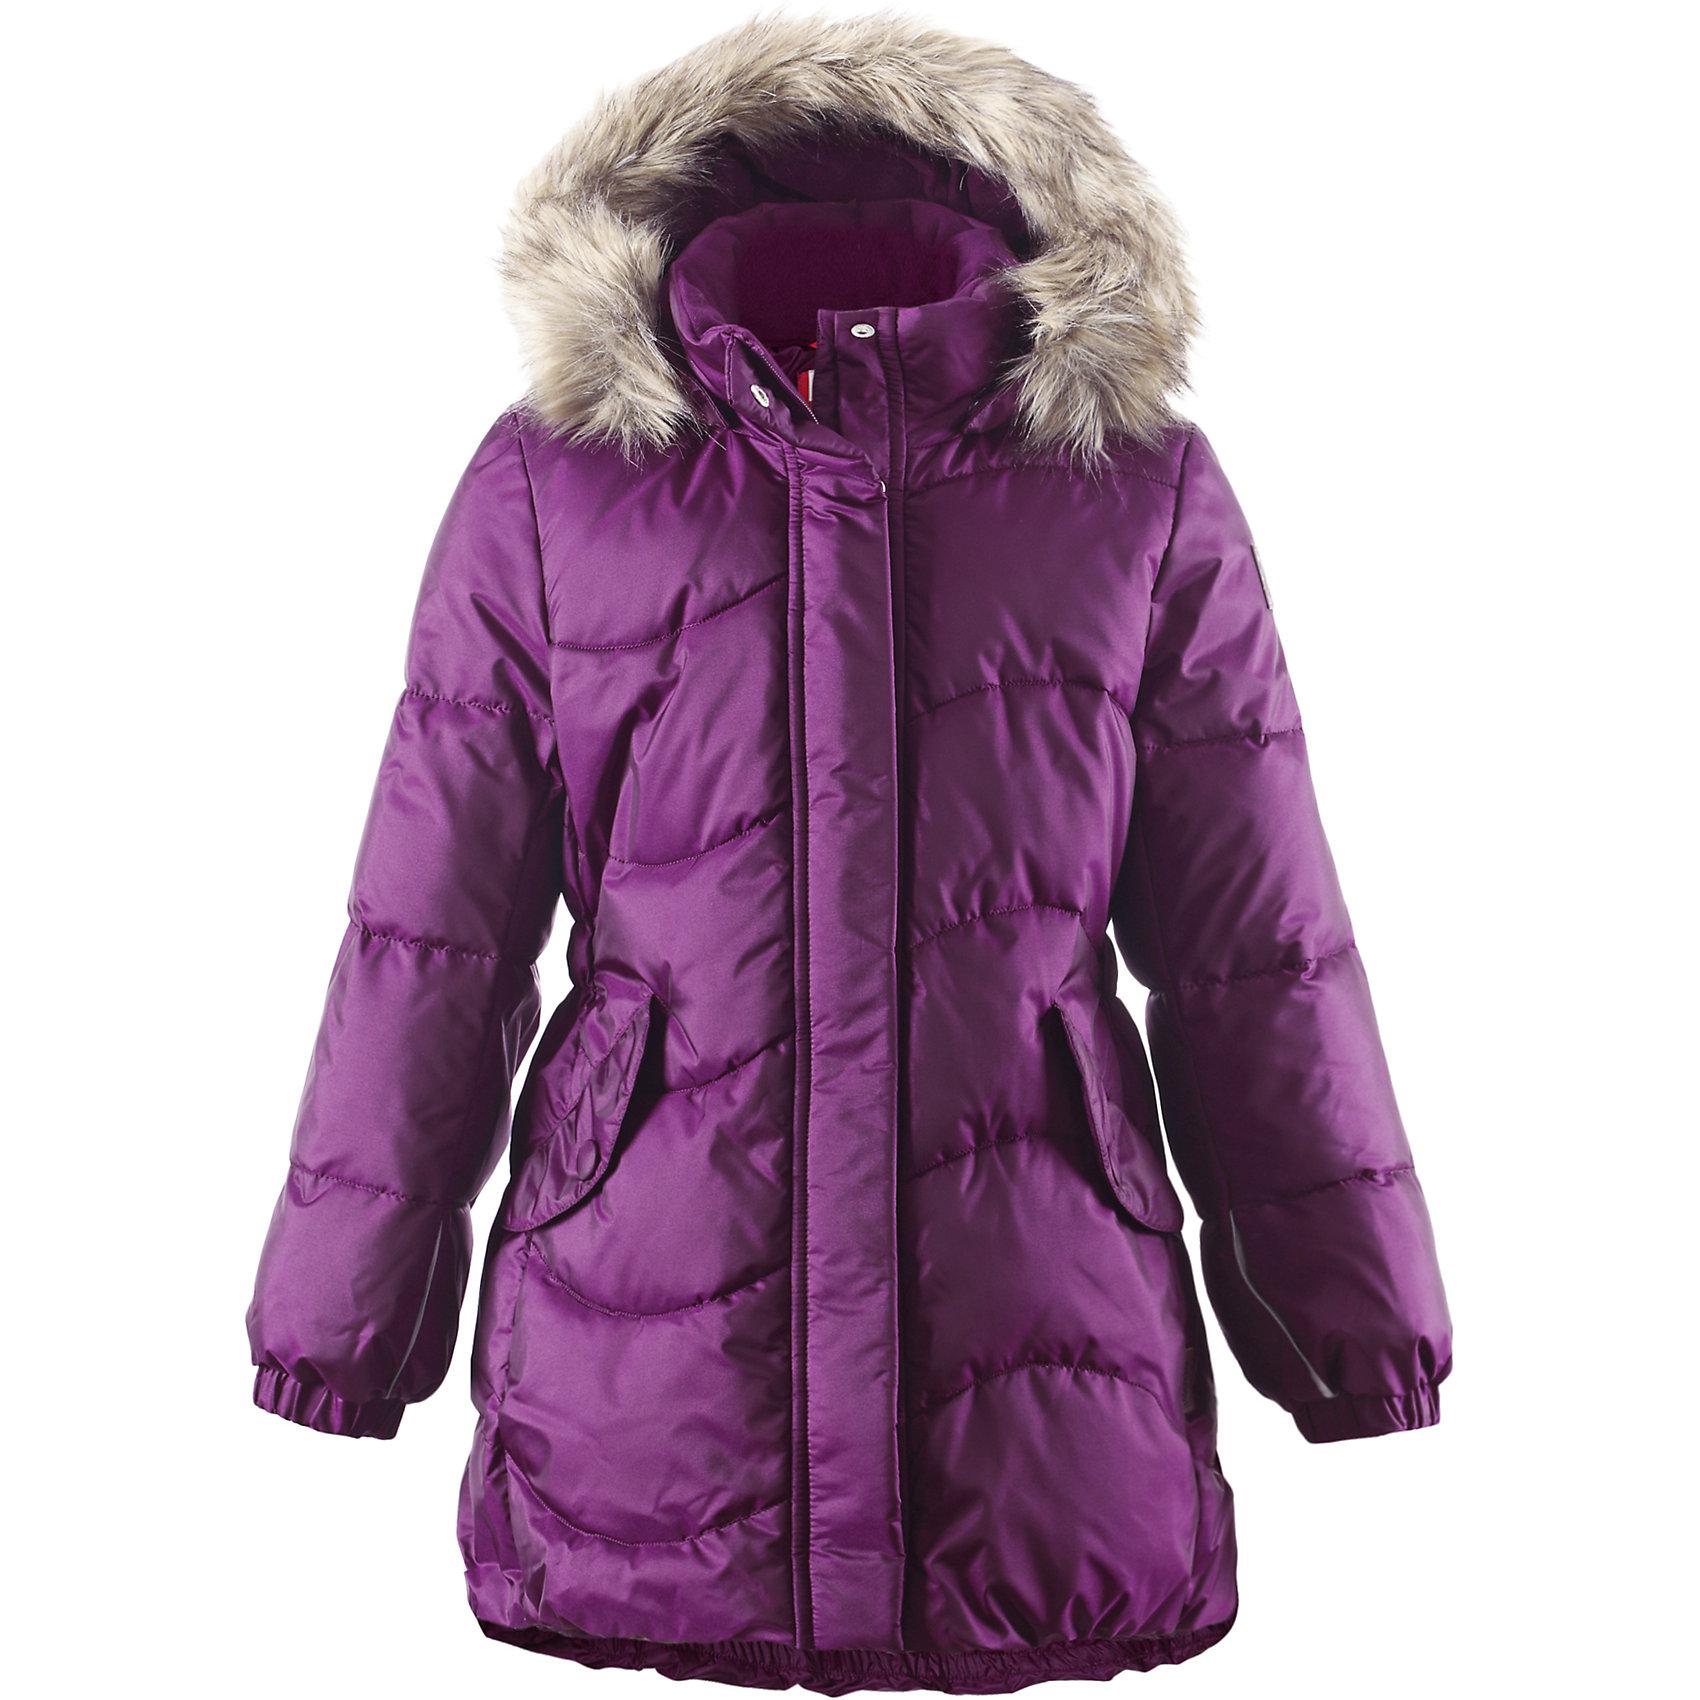 Пальто Sula для девочки ReimaПальто для девочки Reima<br>Зимняя куртка для подростков. Водоотталкивающий, ветронепроницаемый, «дышащий» и грязеотталкивающий материал. Крой для девочек. Гладкая подкладка из полиэстра. Имитация пуха. Безопасный съемный капюшон с отсоединяемой меховой каймой из искусственного меха. Эластичные манжеты. Эластичная талия. Два кармана с клапанами. Безопасные светоотражающие элементы. Петля для дополнительных светоотражающих деталей.<br>Утеплитель: Reima® Pearl insulation,170 g<br>Уход:<br>Стирать по отдельности, вывернув наизнанку. Перед стиркой отстегните искусственный мех. Застегнуть молнии и липучки. Стирать моющим средством, не содержащим отбеливающие вещества. Полоскать без специального средства. Во избежание изменения цвета изделие необходимо вынуть из стиральной машинки незамедлительно после окончания программы стирки. Сушить при низкой температуре.<br>Состав:<br>65% Полиамид, 35% Полиэстер, полиуретановое покрытие<br><br>Ширина мм: 356<br>Глубина мм: 10<br>Высота мм: 245<br>Вес г: 519<br>Цвет: фиолетовый<br>Возраст от месяцев: 36<br>Возраст до месяцев: 48<br>Пол: Женский<br>Возраст: Детский<br>Размер: 104,140,164,134,122,128,116,158,146,152,110<br>SKU: 4778255